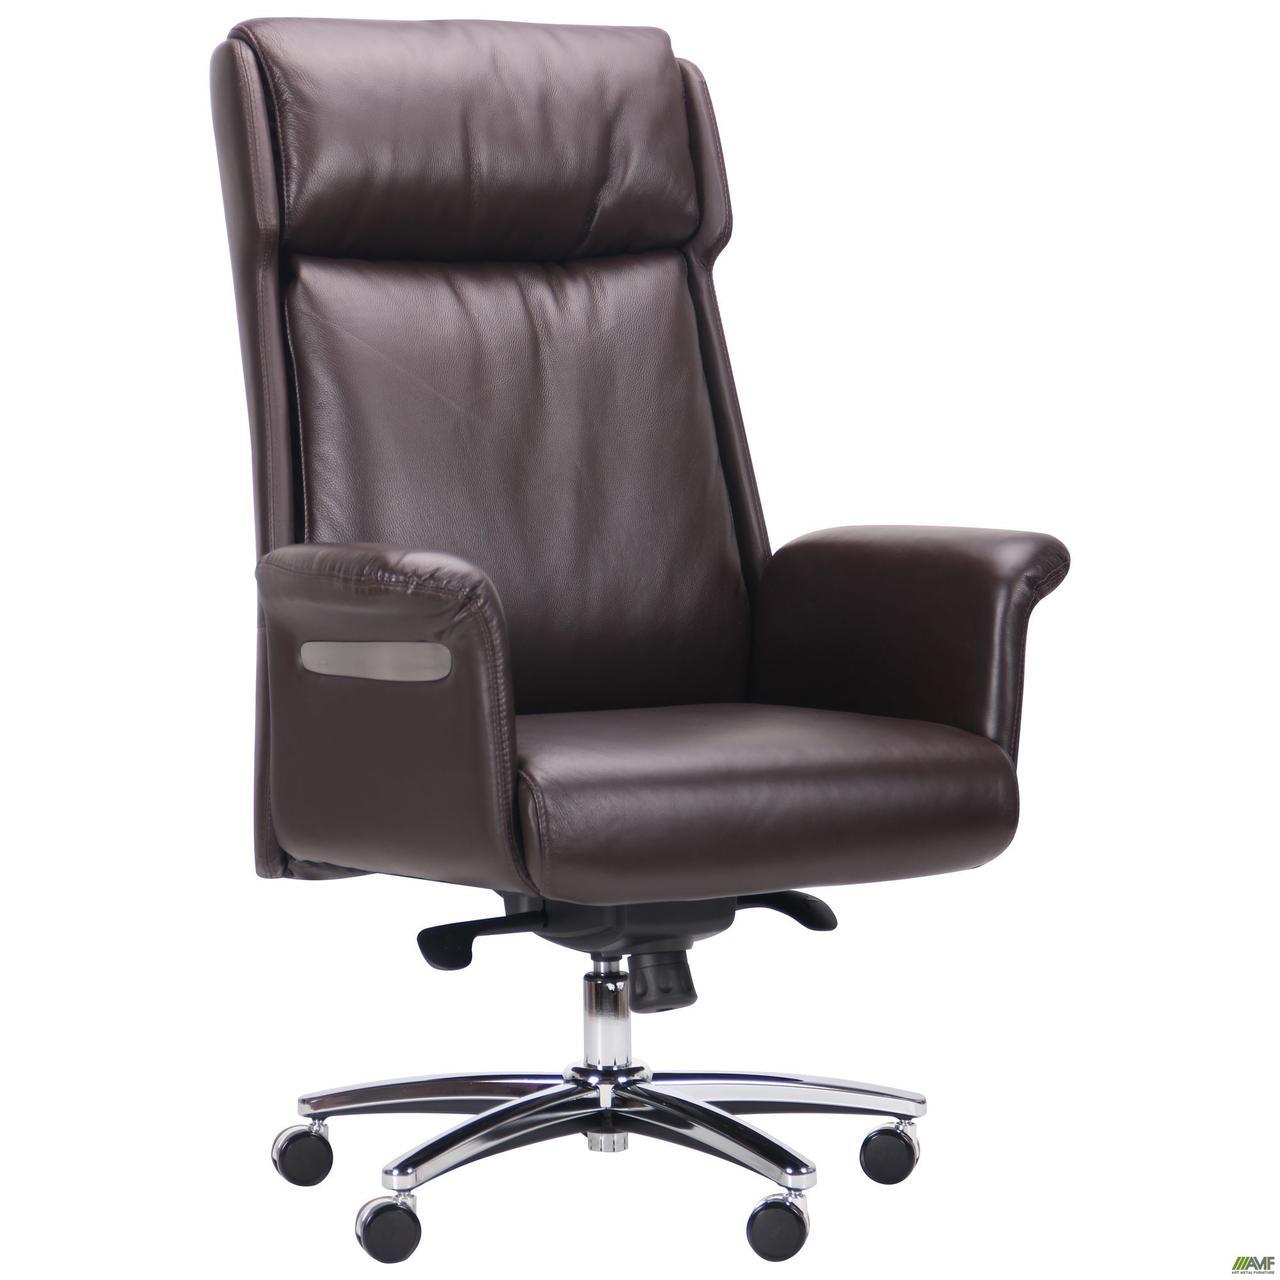 Кресло офисное кожаное AMF Truman Brown коричневое